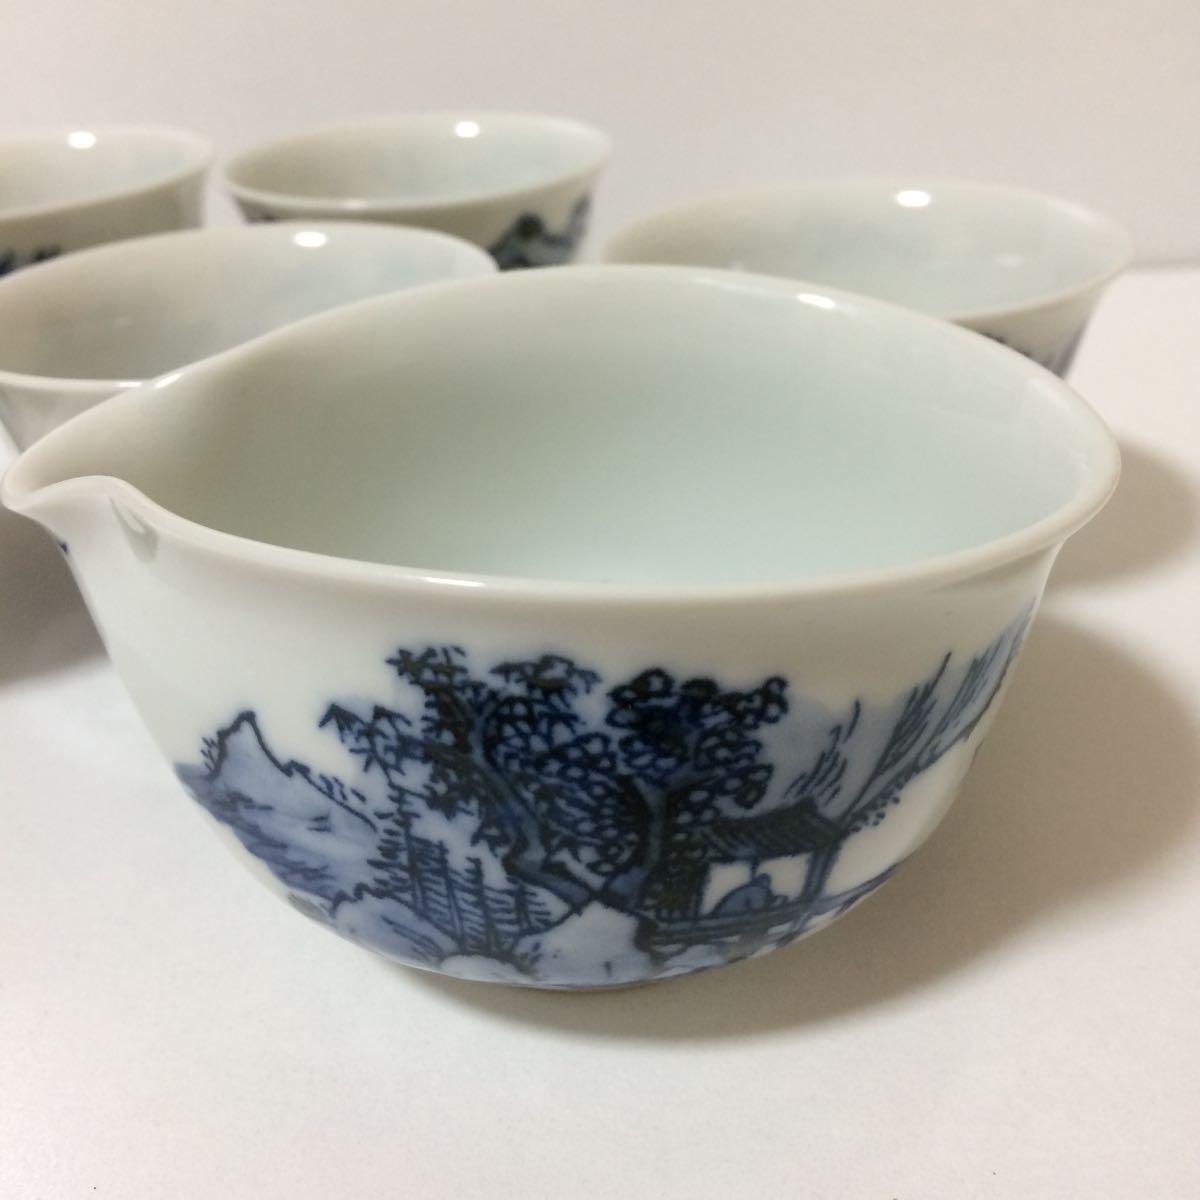 未使用 平安白鳳 茶器 セット 茶碗5客揃い 煎茶道具 煎茶器_画像8